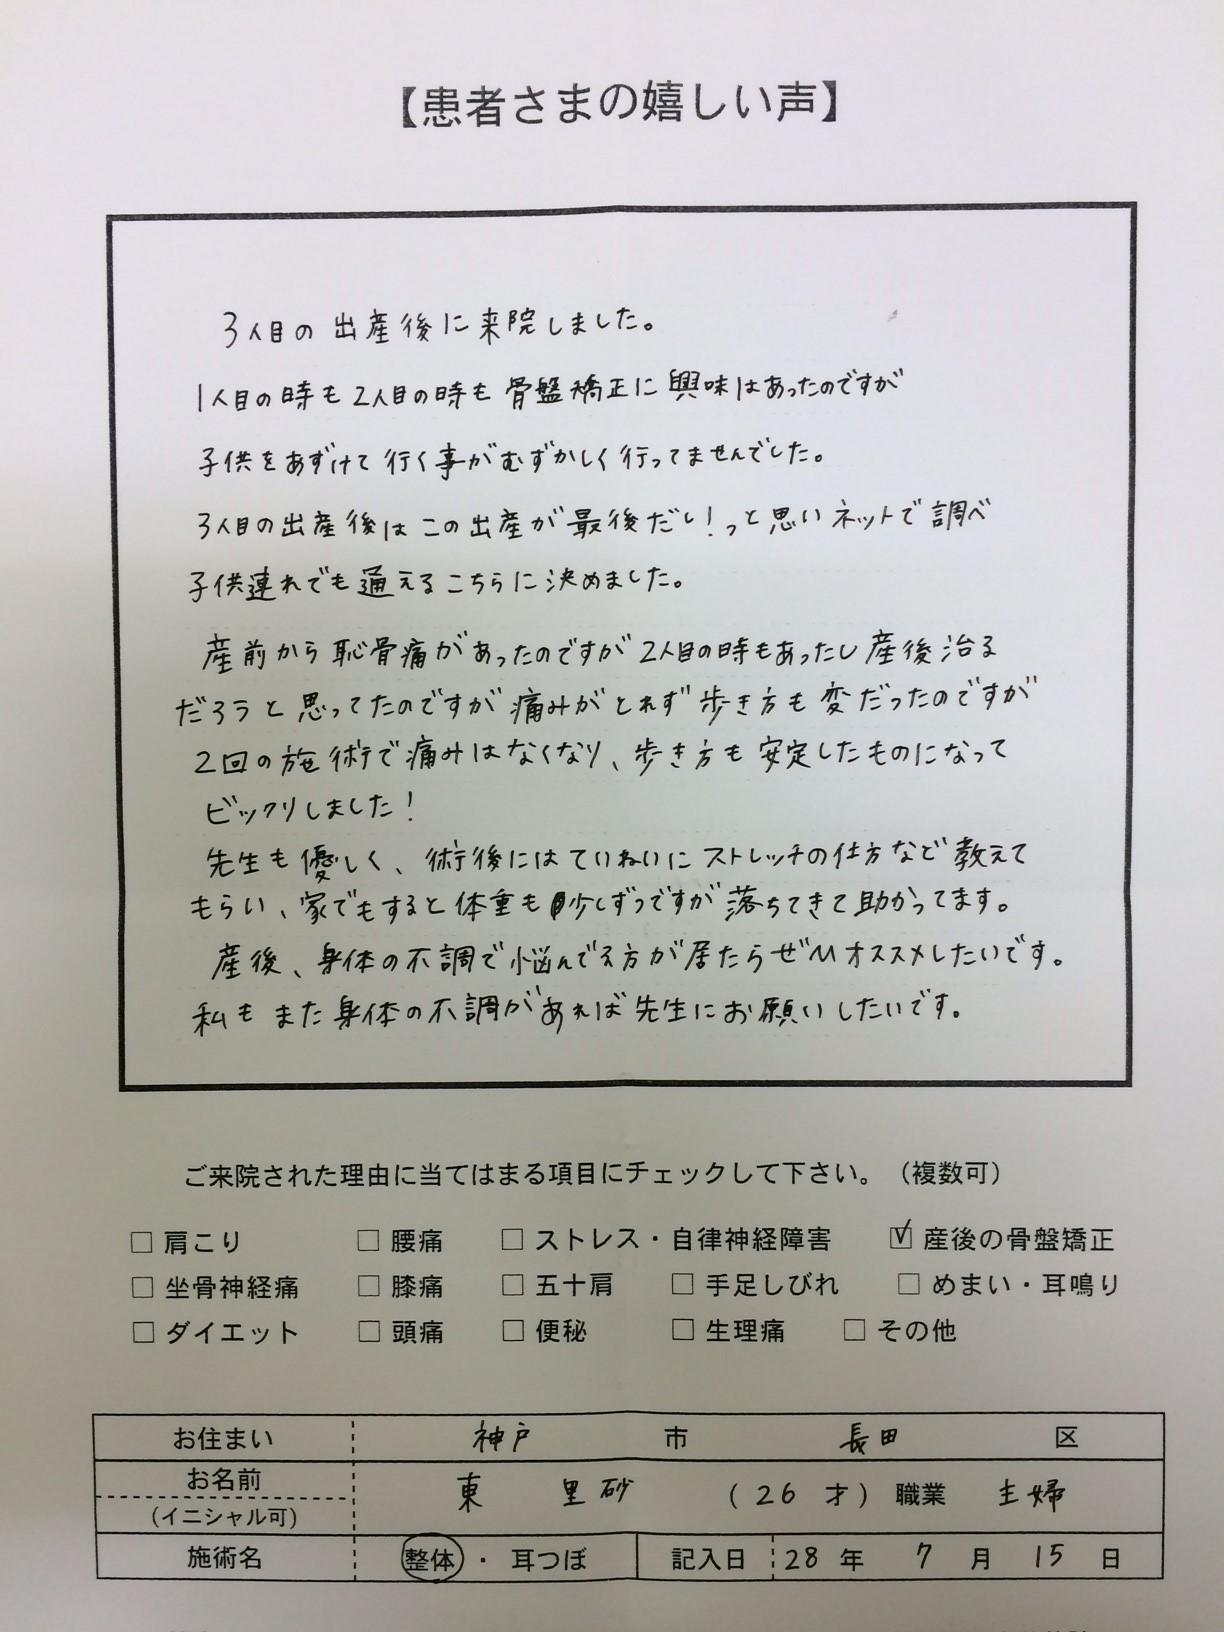 産後骨盤矯正 神戸市長田区 東 様 26才 主婦.jpg